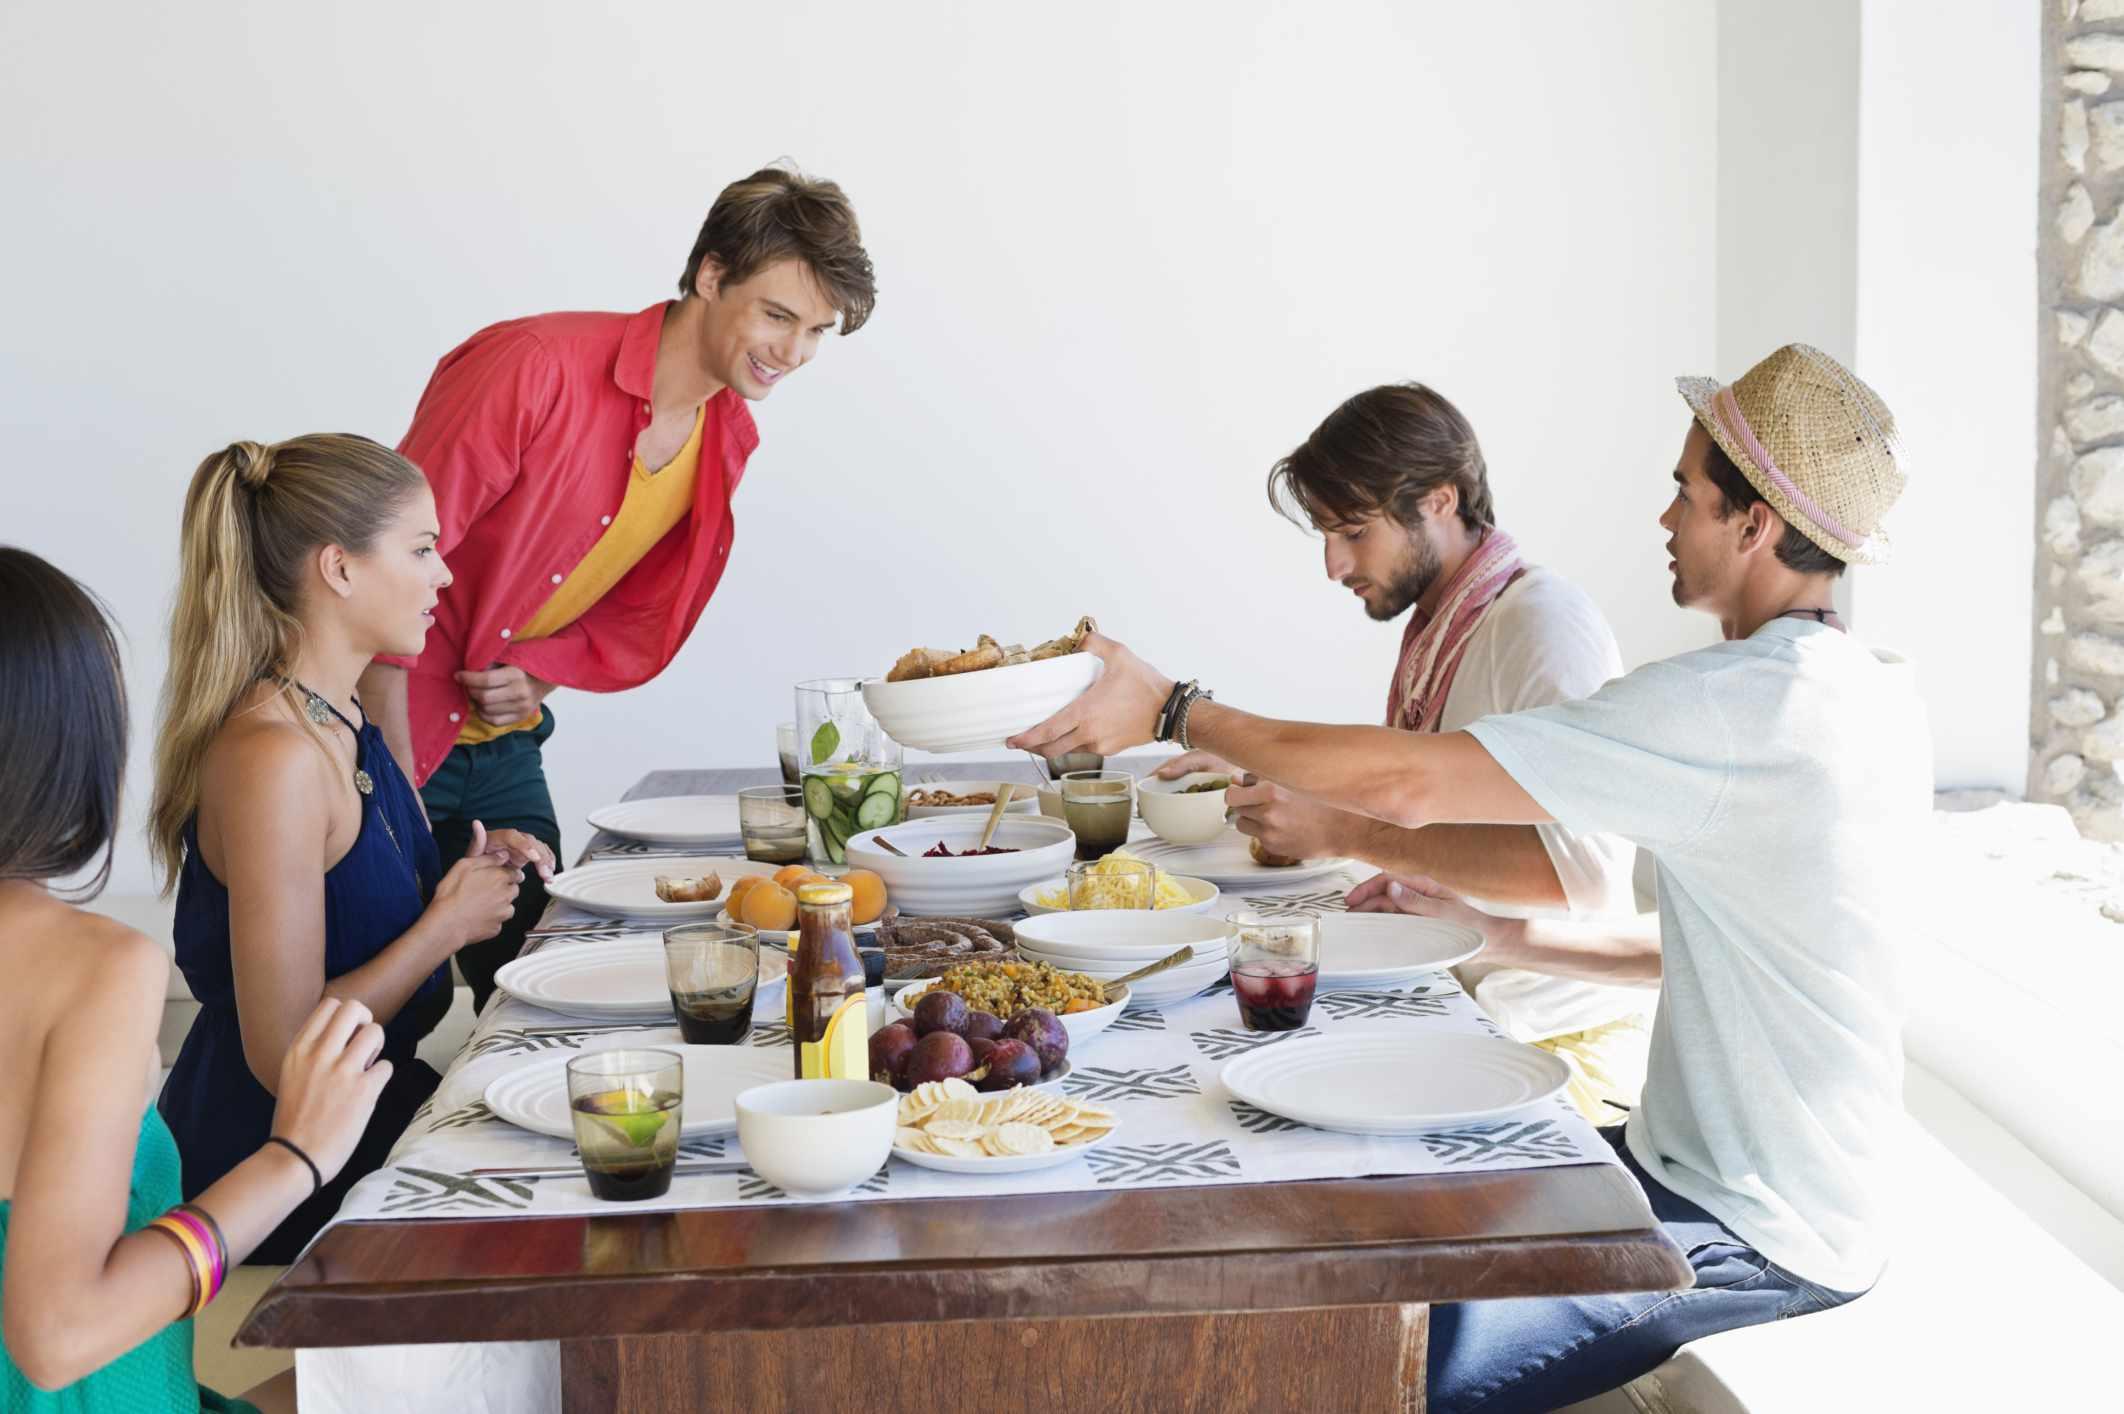 Adultos jóvenes cenando.